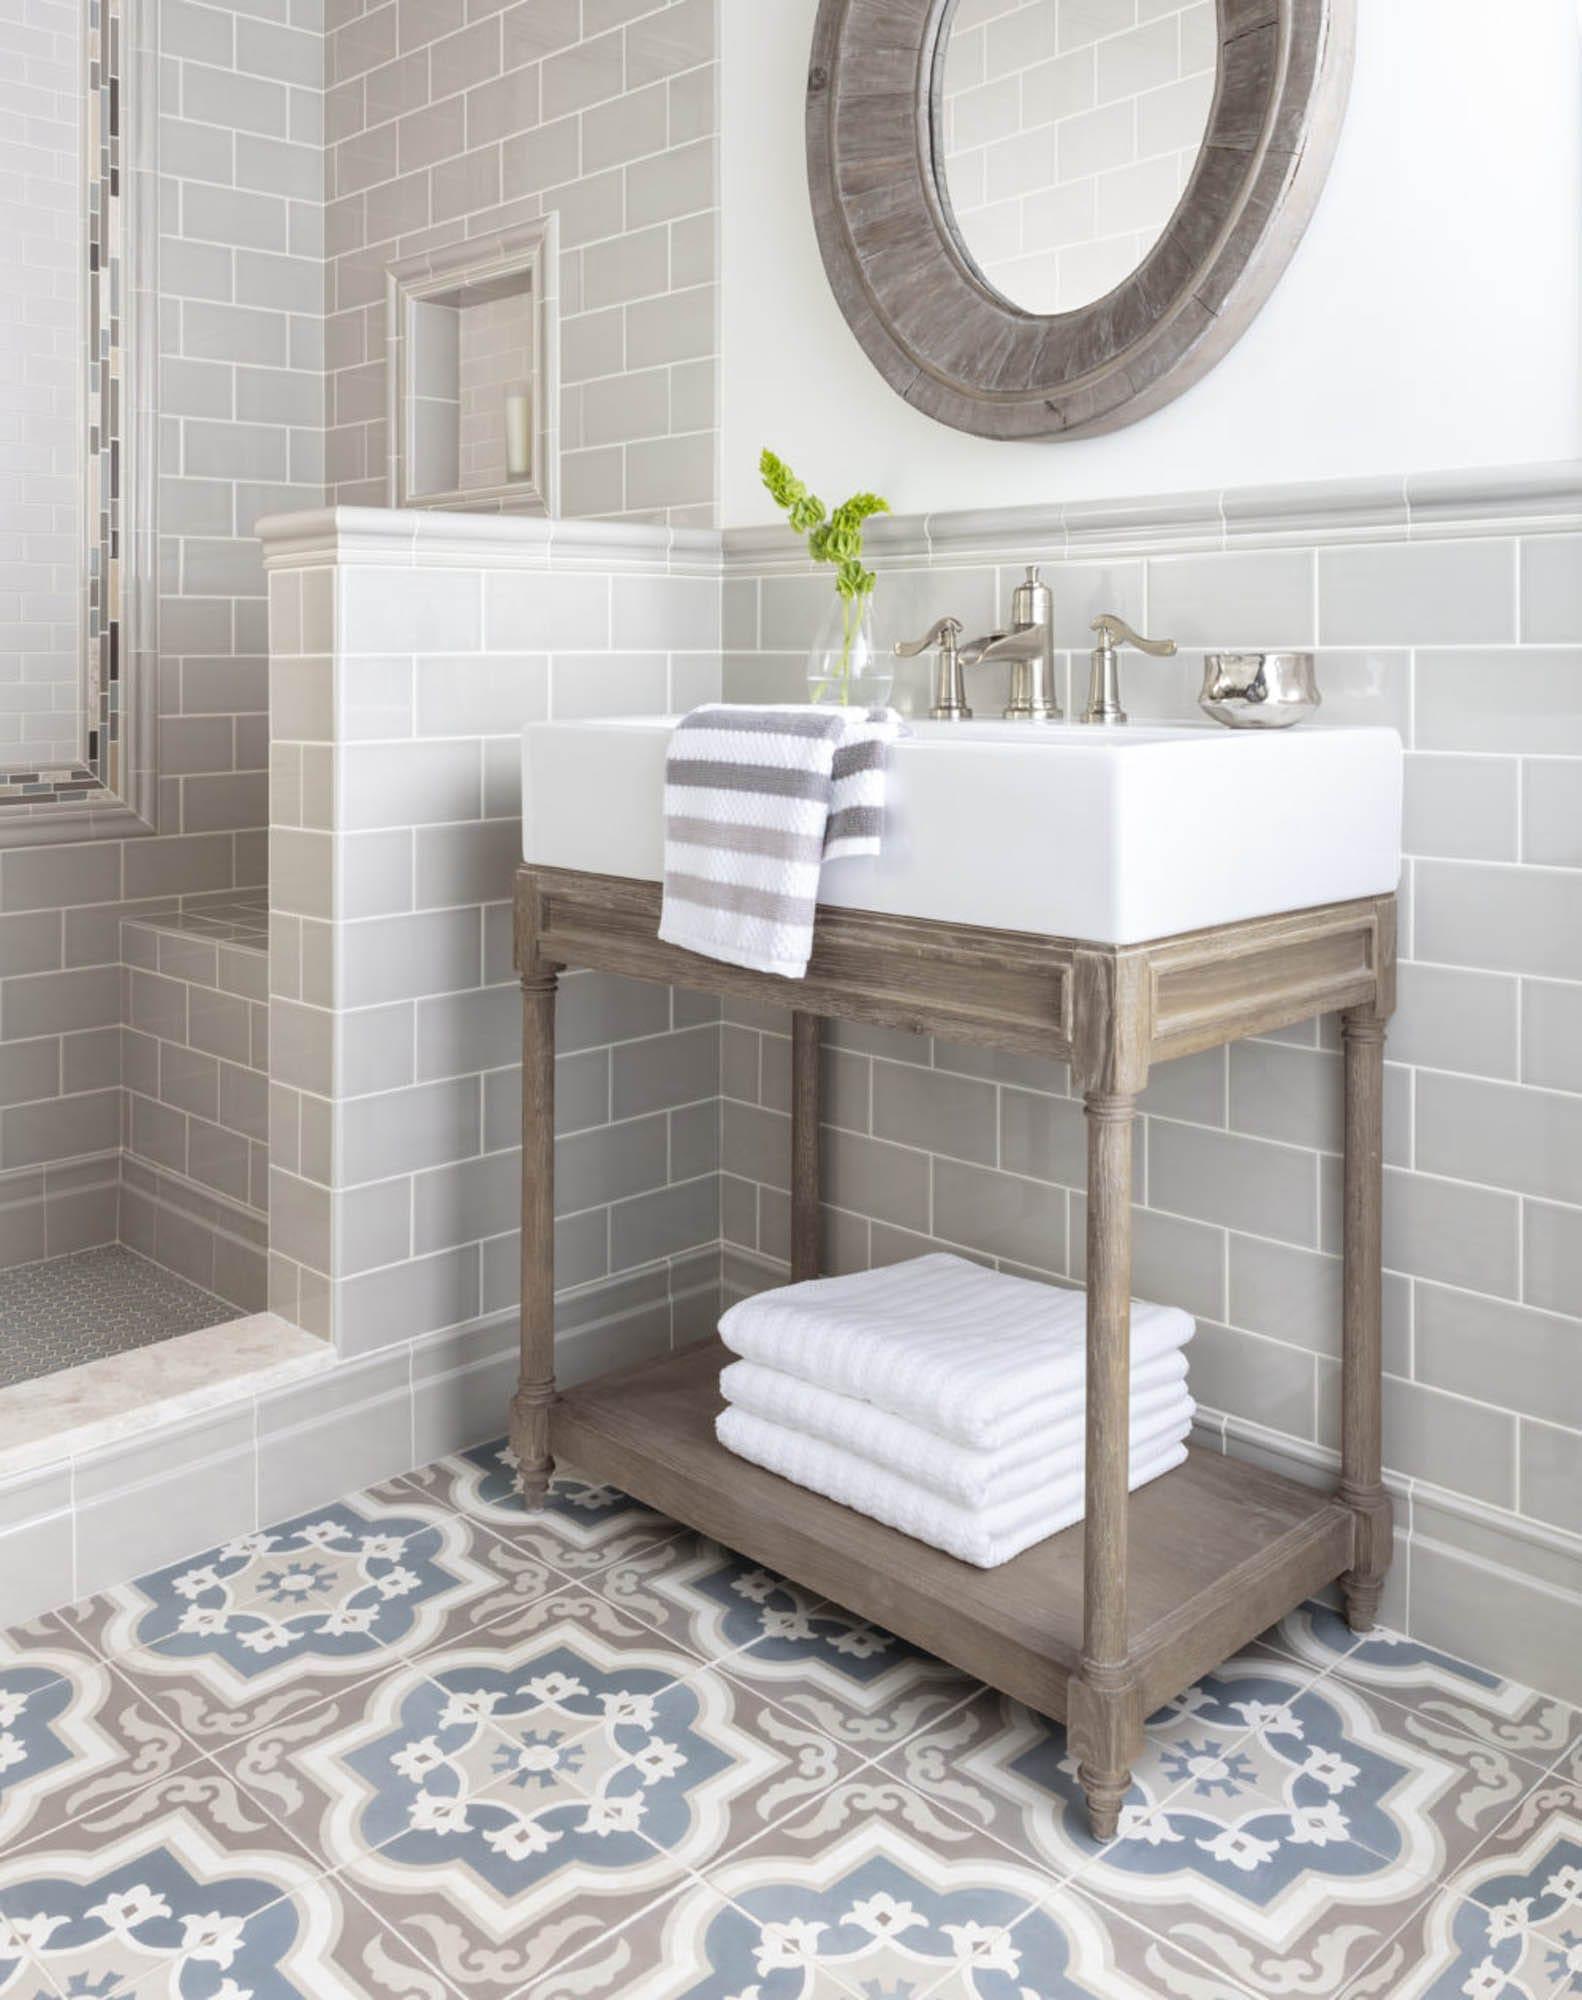 How to Achieve Modern Farmhouse Design with Tile - The ... on Farmhouse Tile Bathroom Floor  id=75504